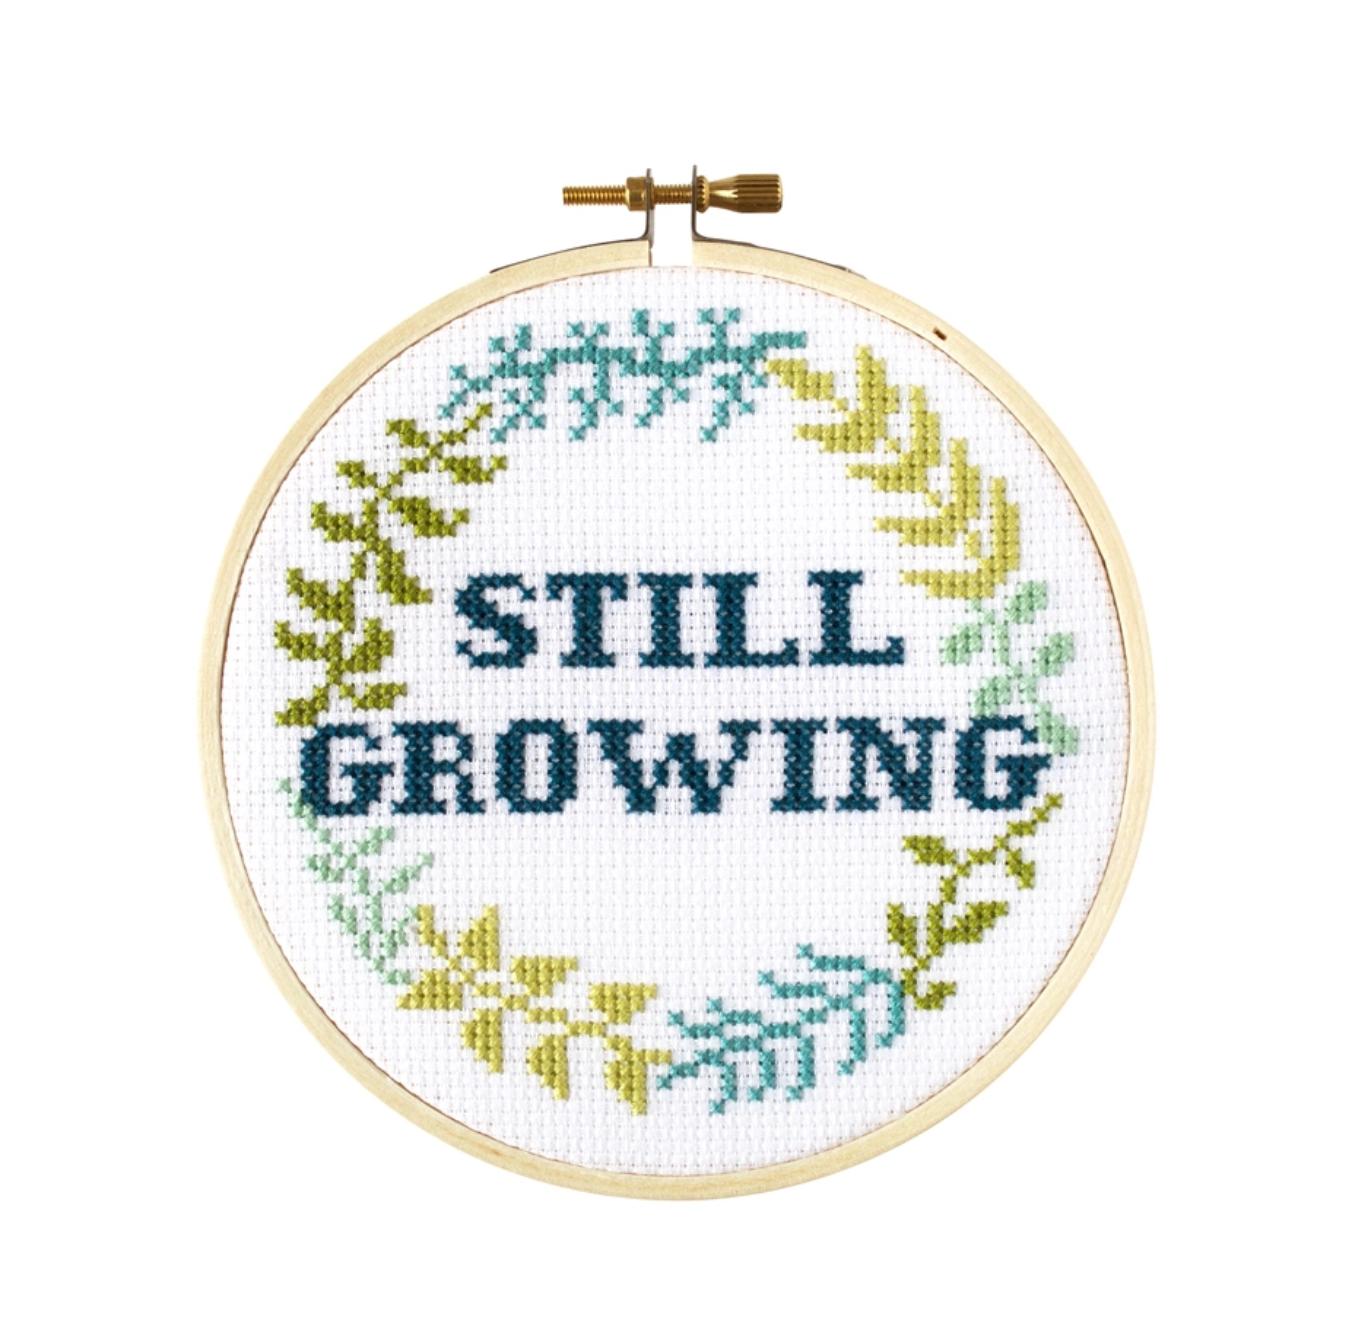 The Stranded Stitch Still Growing DIY Cross Stitch Kit